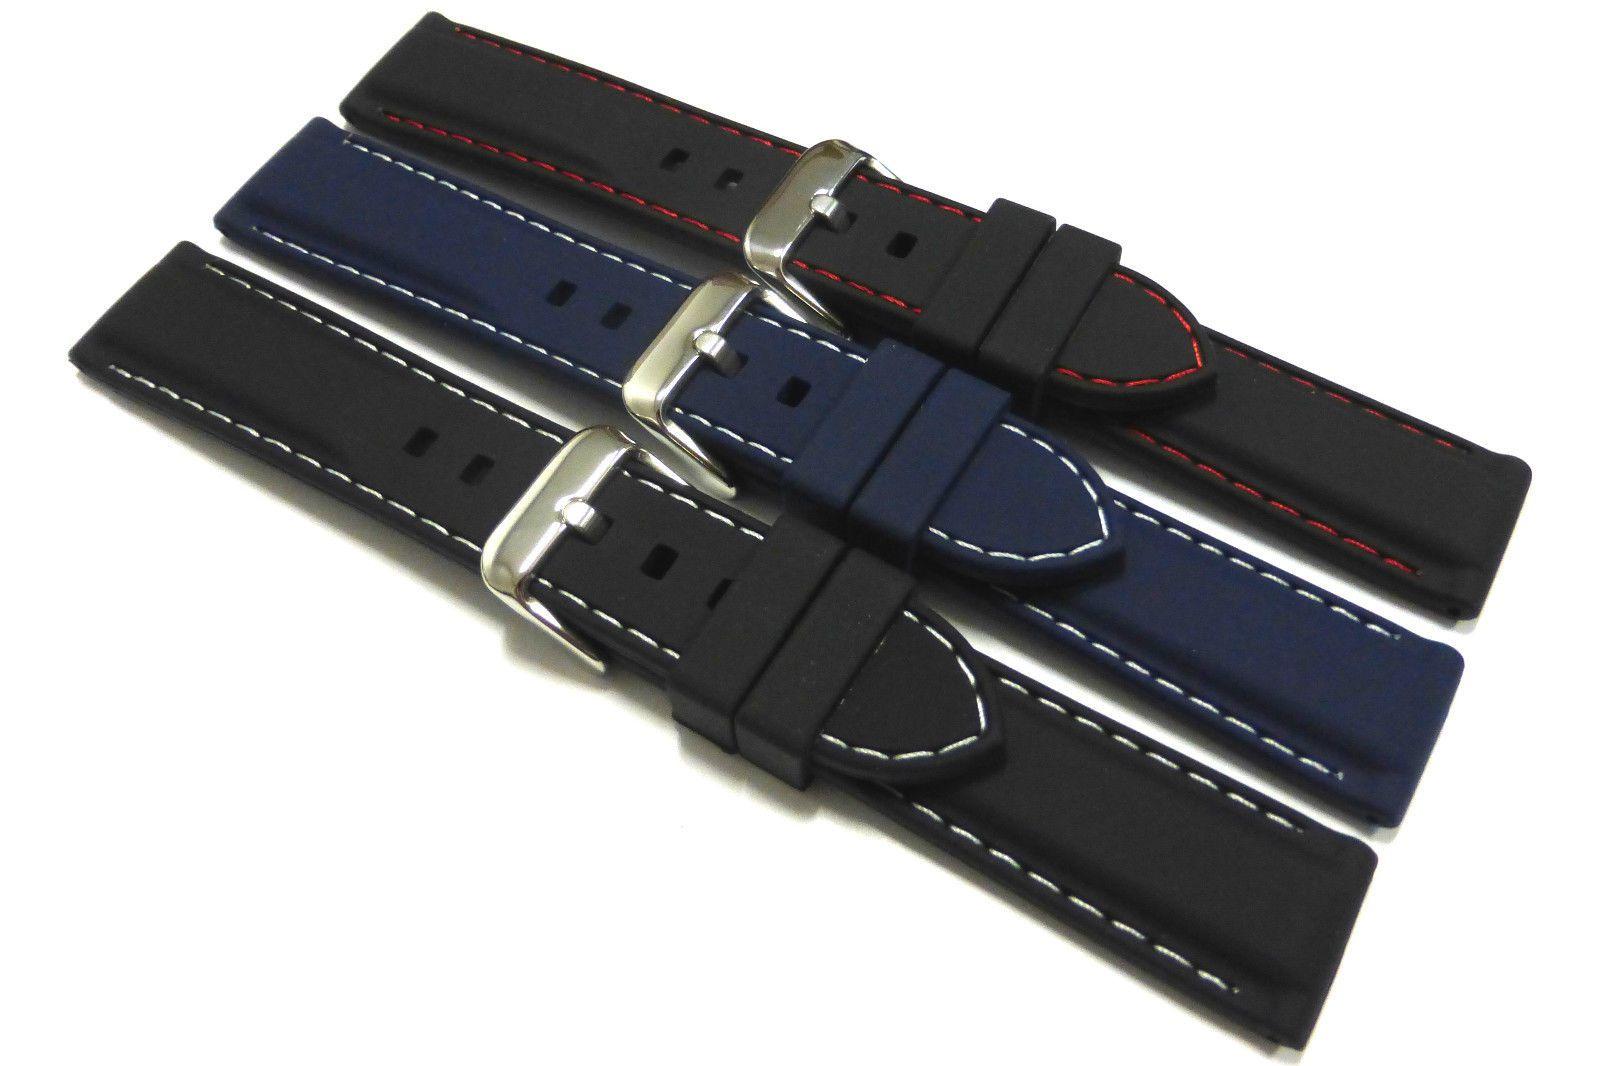 noir-bleu-caoutchouc-en-silicone-bracelet-montre-choix-de-couture